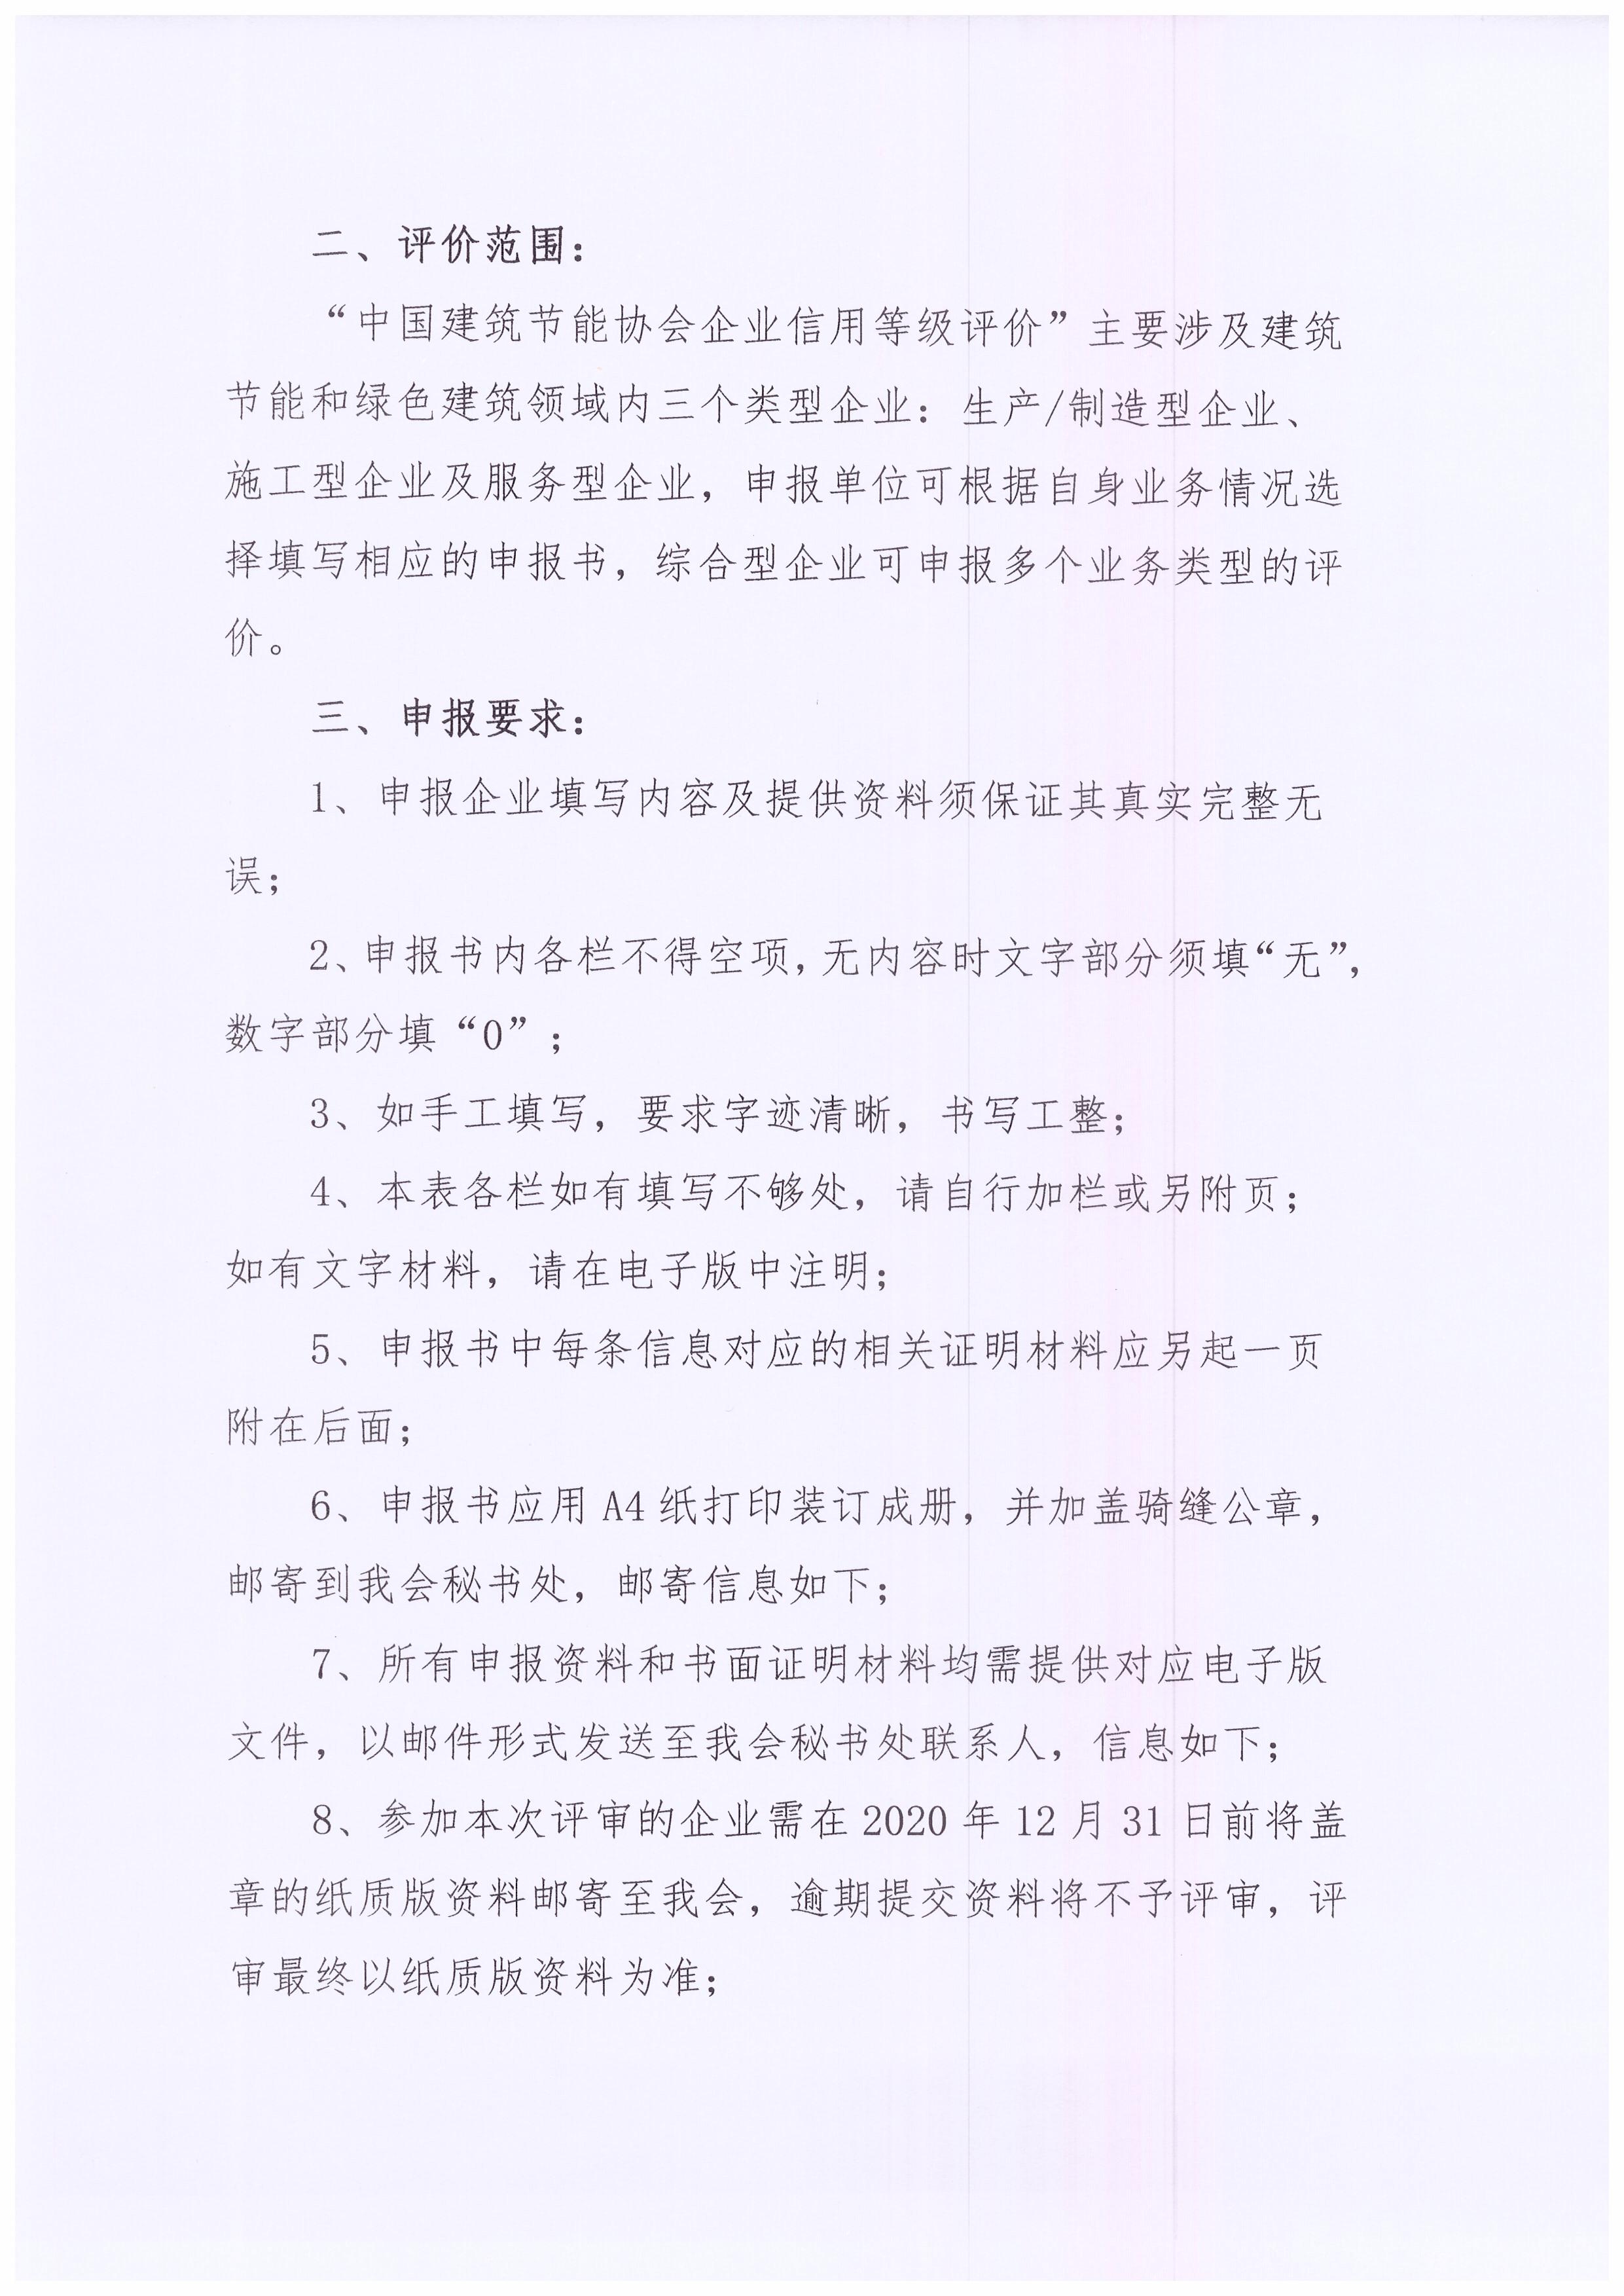 """关于申报第一批""""企业信用等级评价""""的通知_页面_2.jpg"""